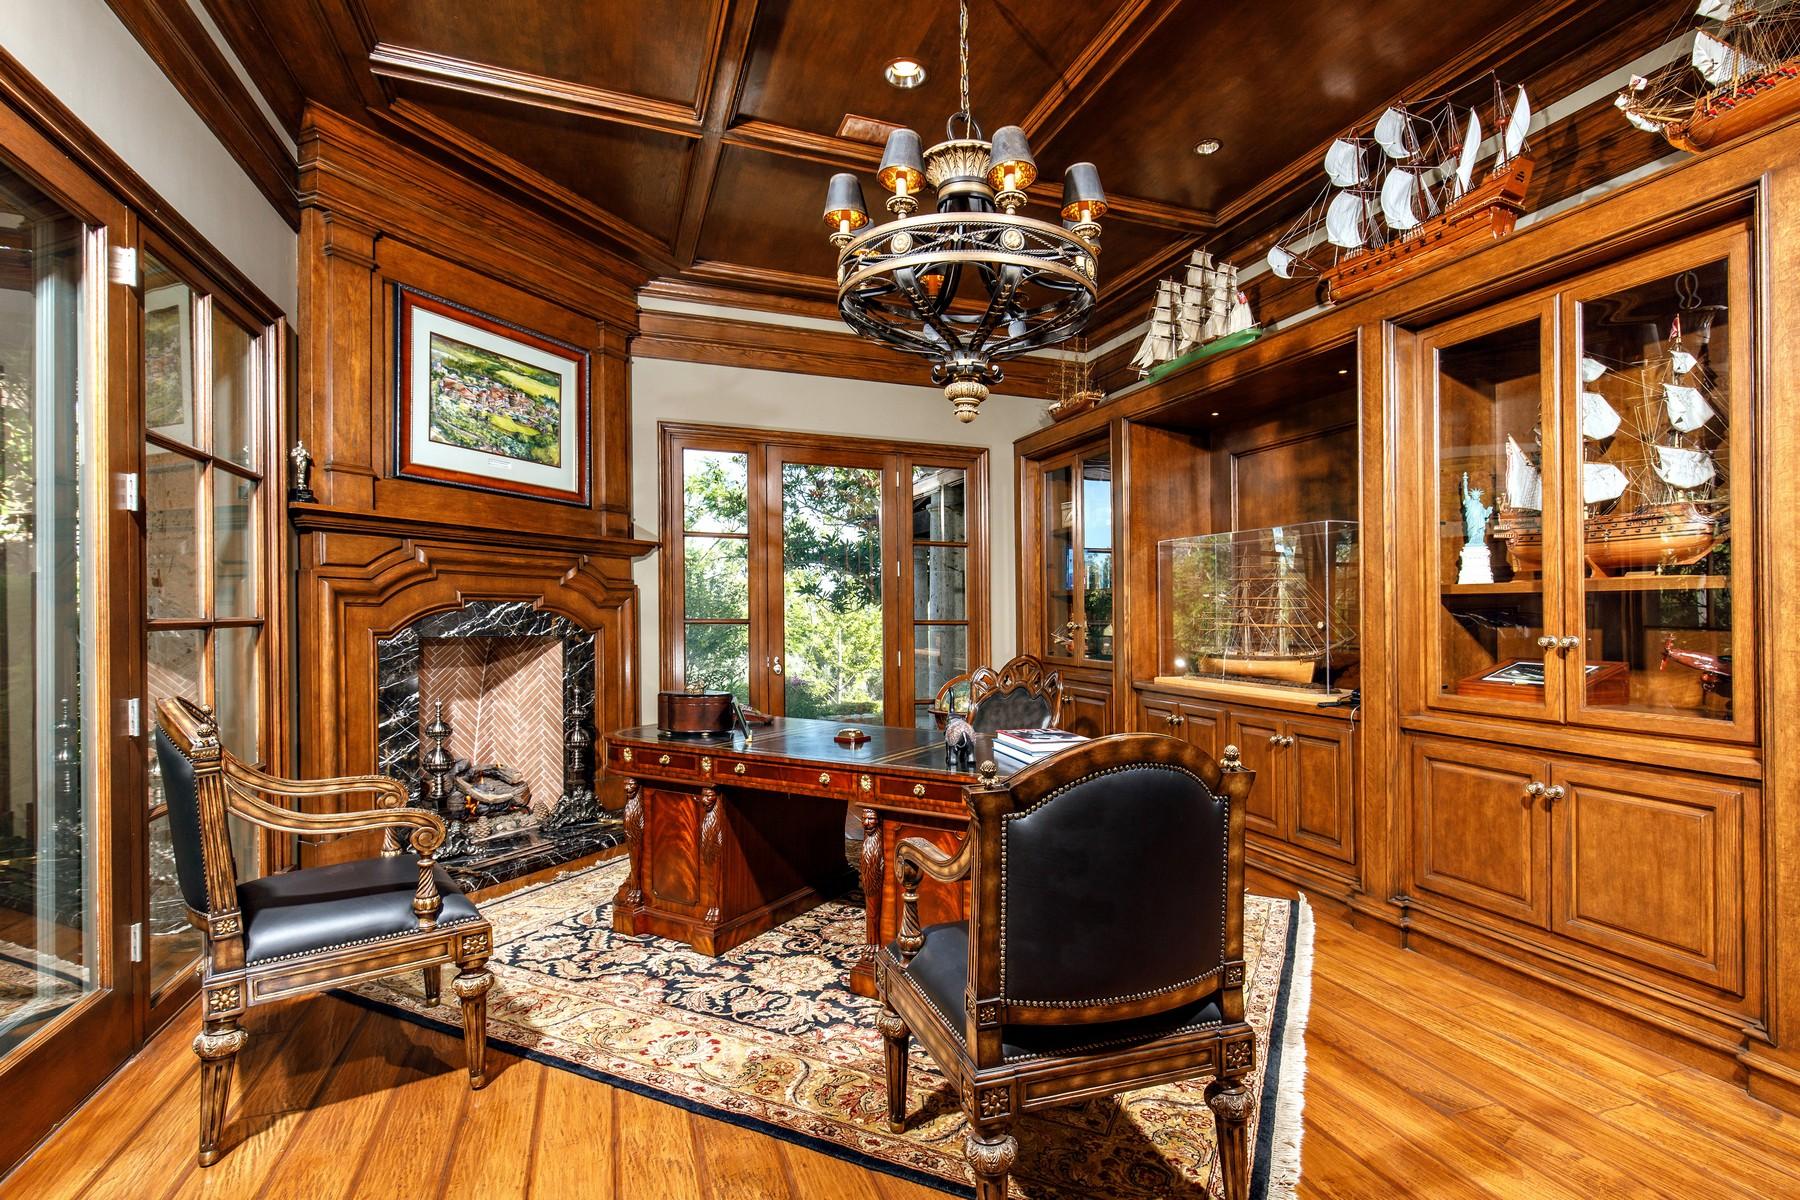 Additional photo for property listing at 6372 Las Colinas 6372 Las Colinas Rancho Santa Fe, California 92067 United States